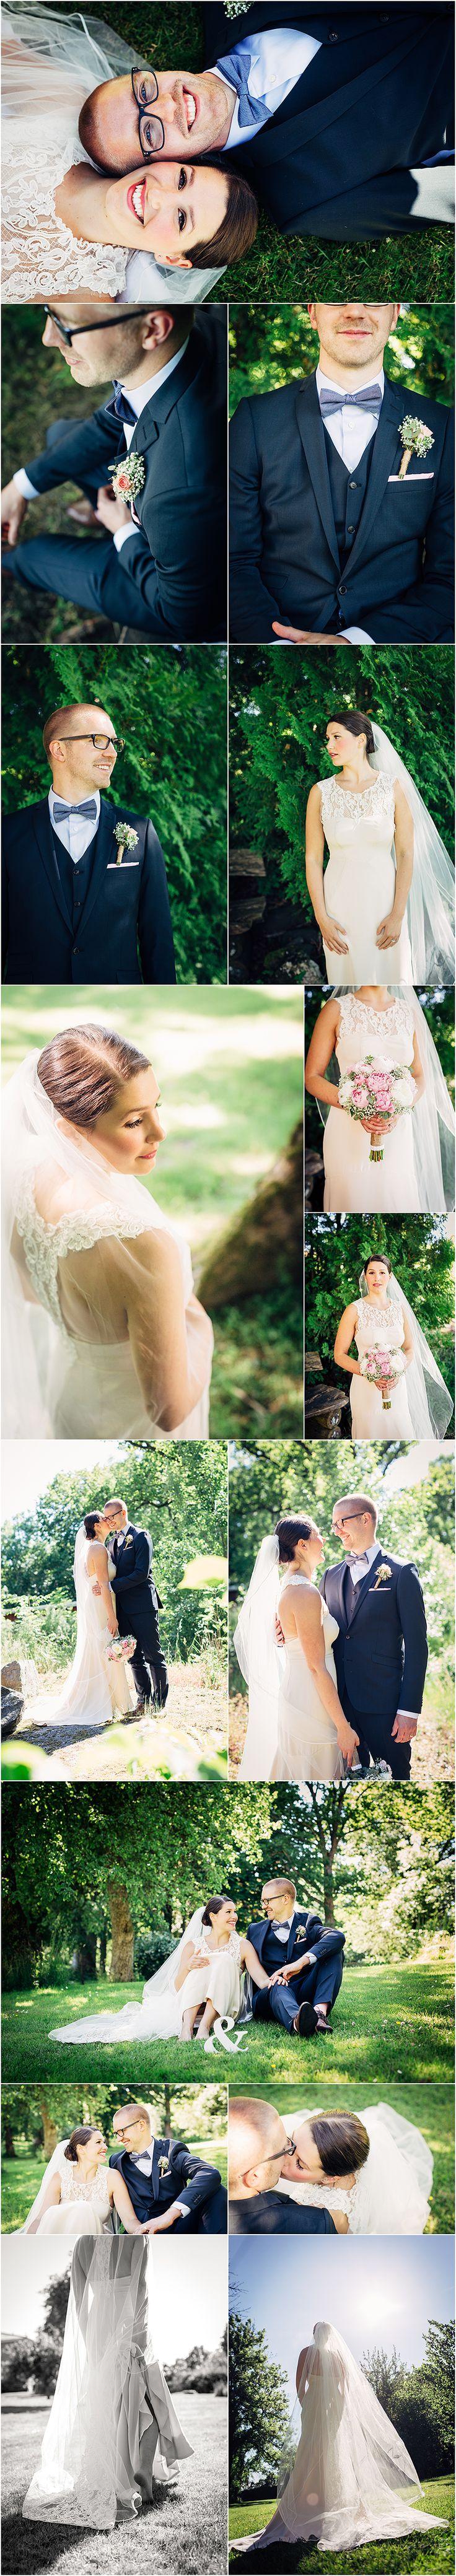 Cathrine & Robin Bröllop på Ronnums Herrgård #2 » Fotograf Linda Jönér – Bröllop, barn, reklam